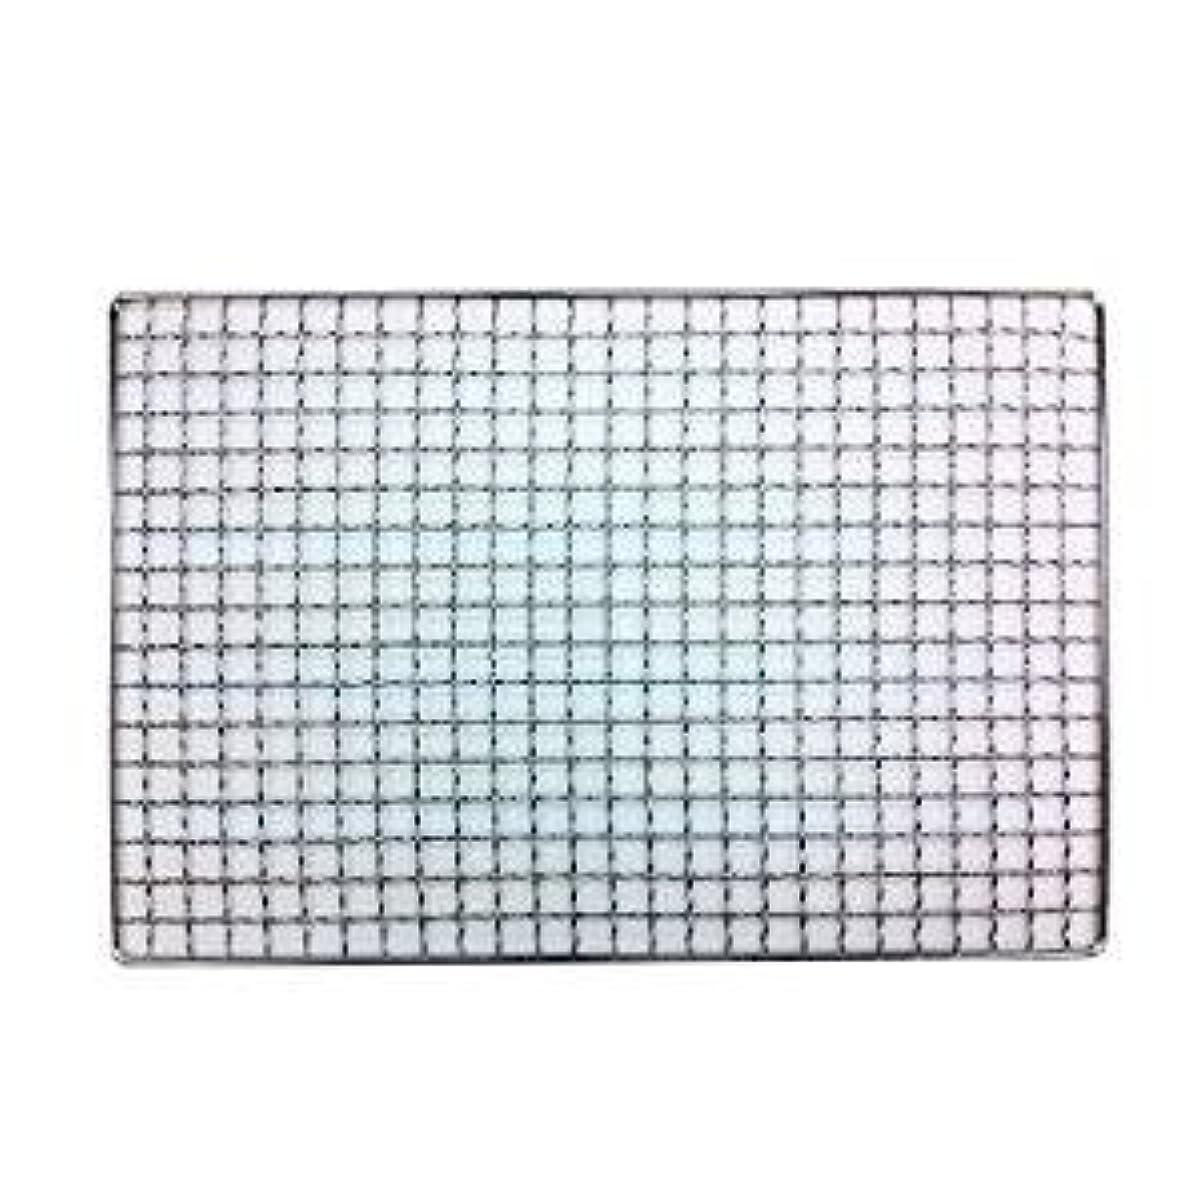 セージパット会社焼き網 角網(スチール製)275×220mm 20枚 丸和工業 長角七輪などに